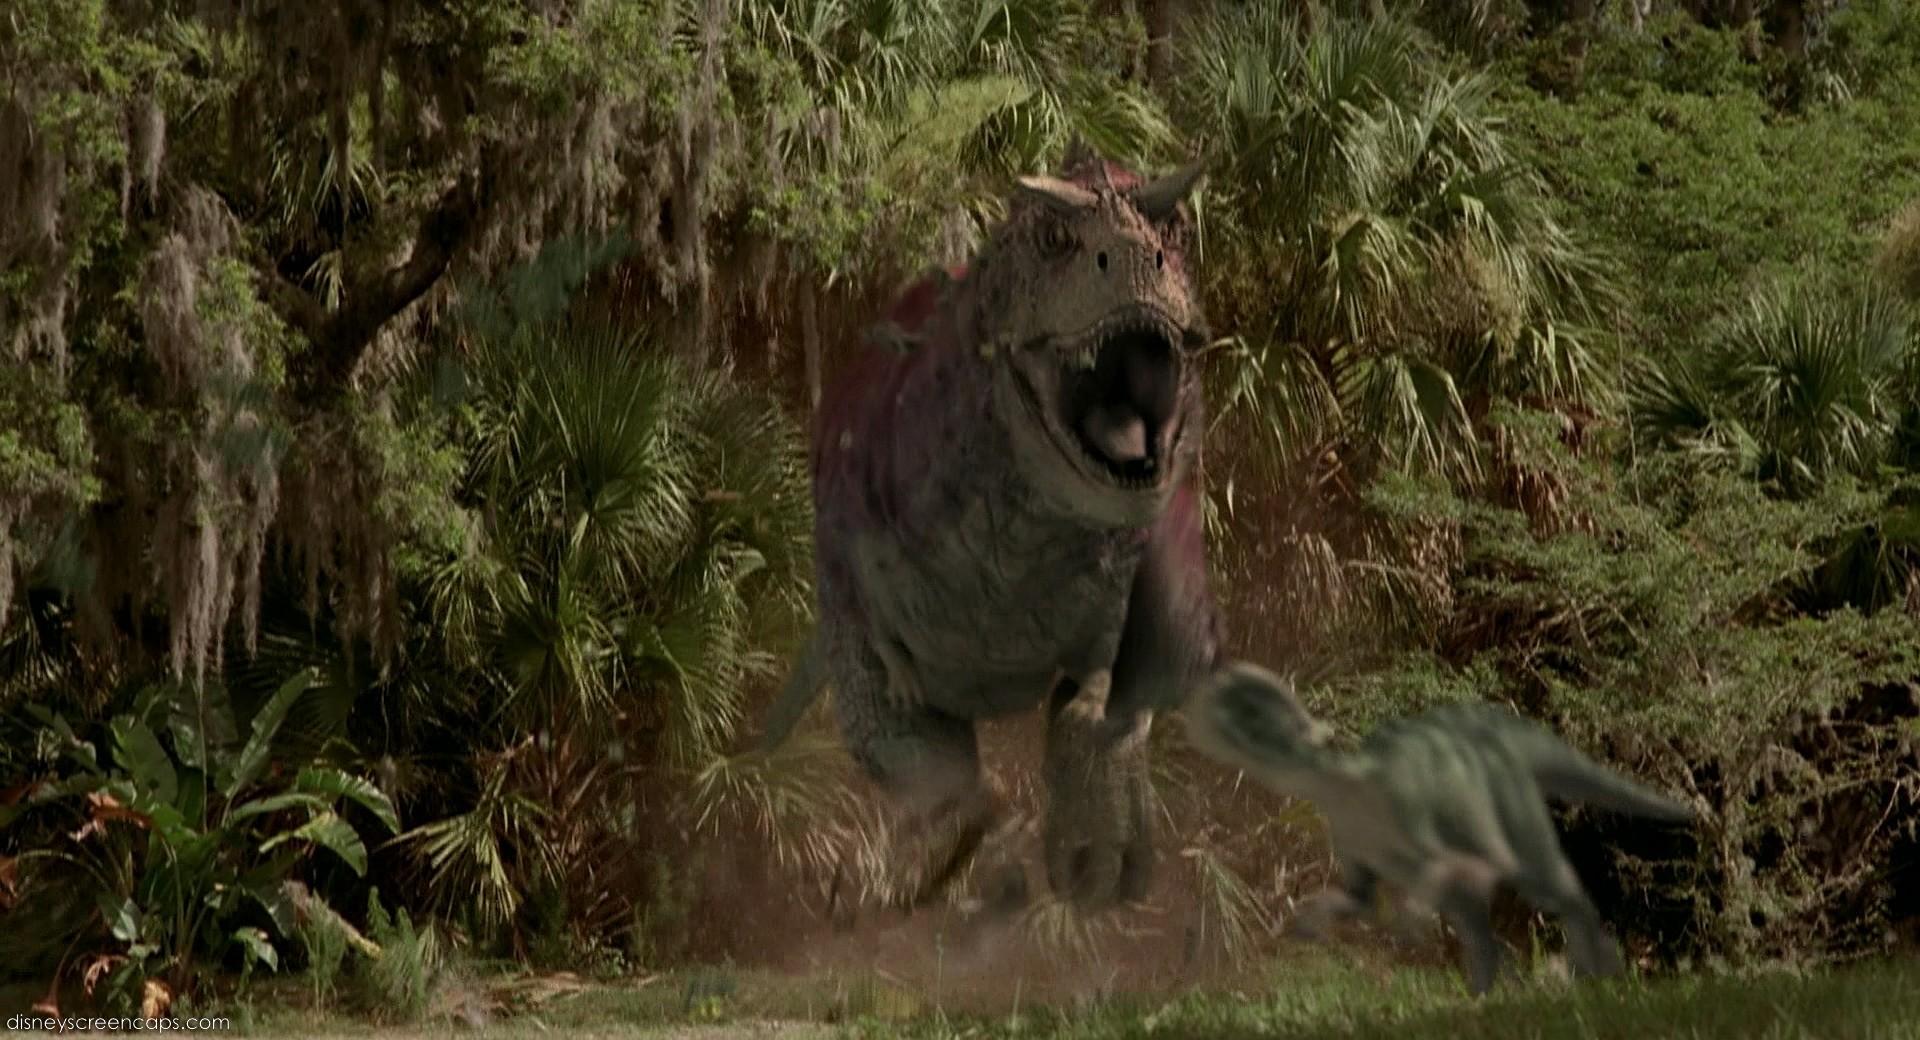 pachyrhinosaurus vs carnotaurus - photo #27